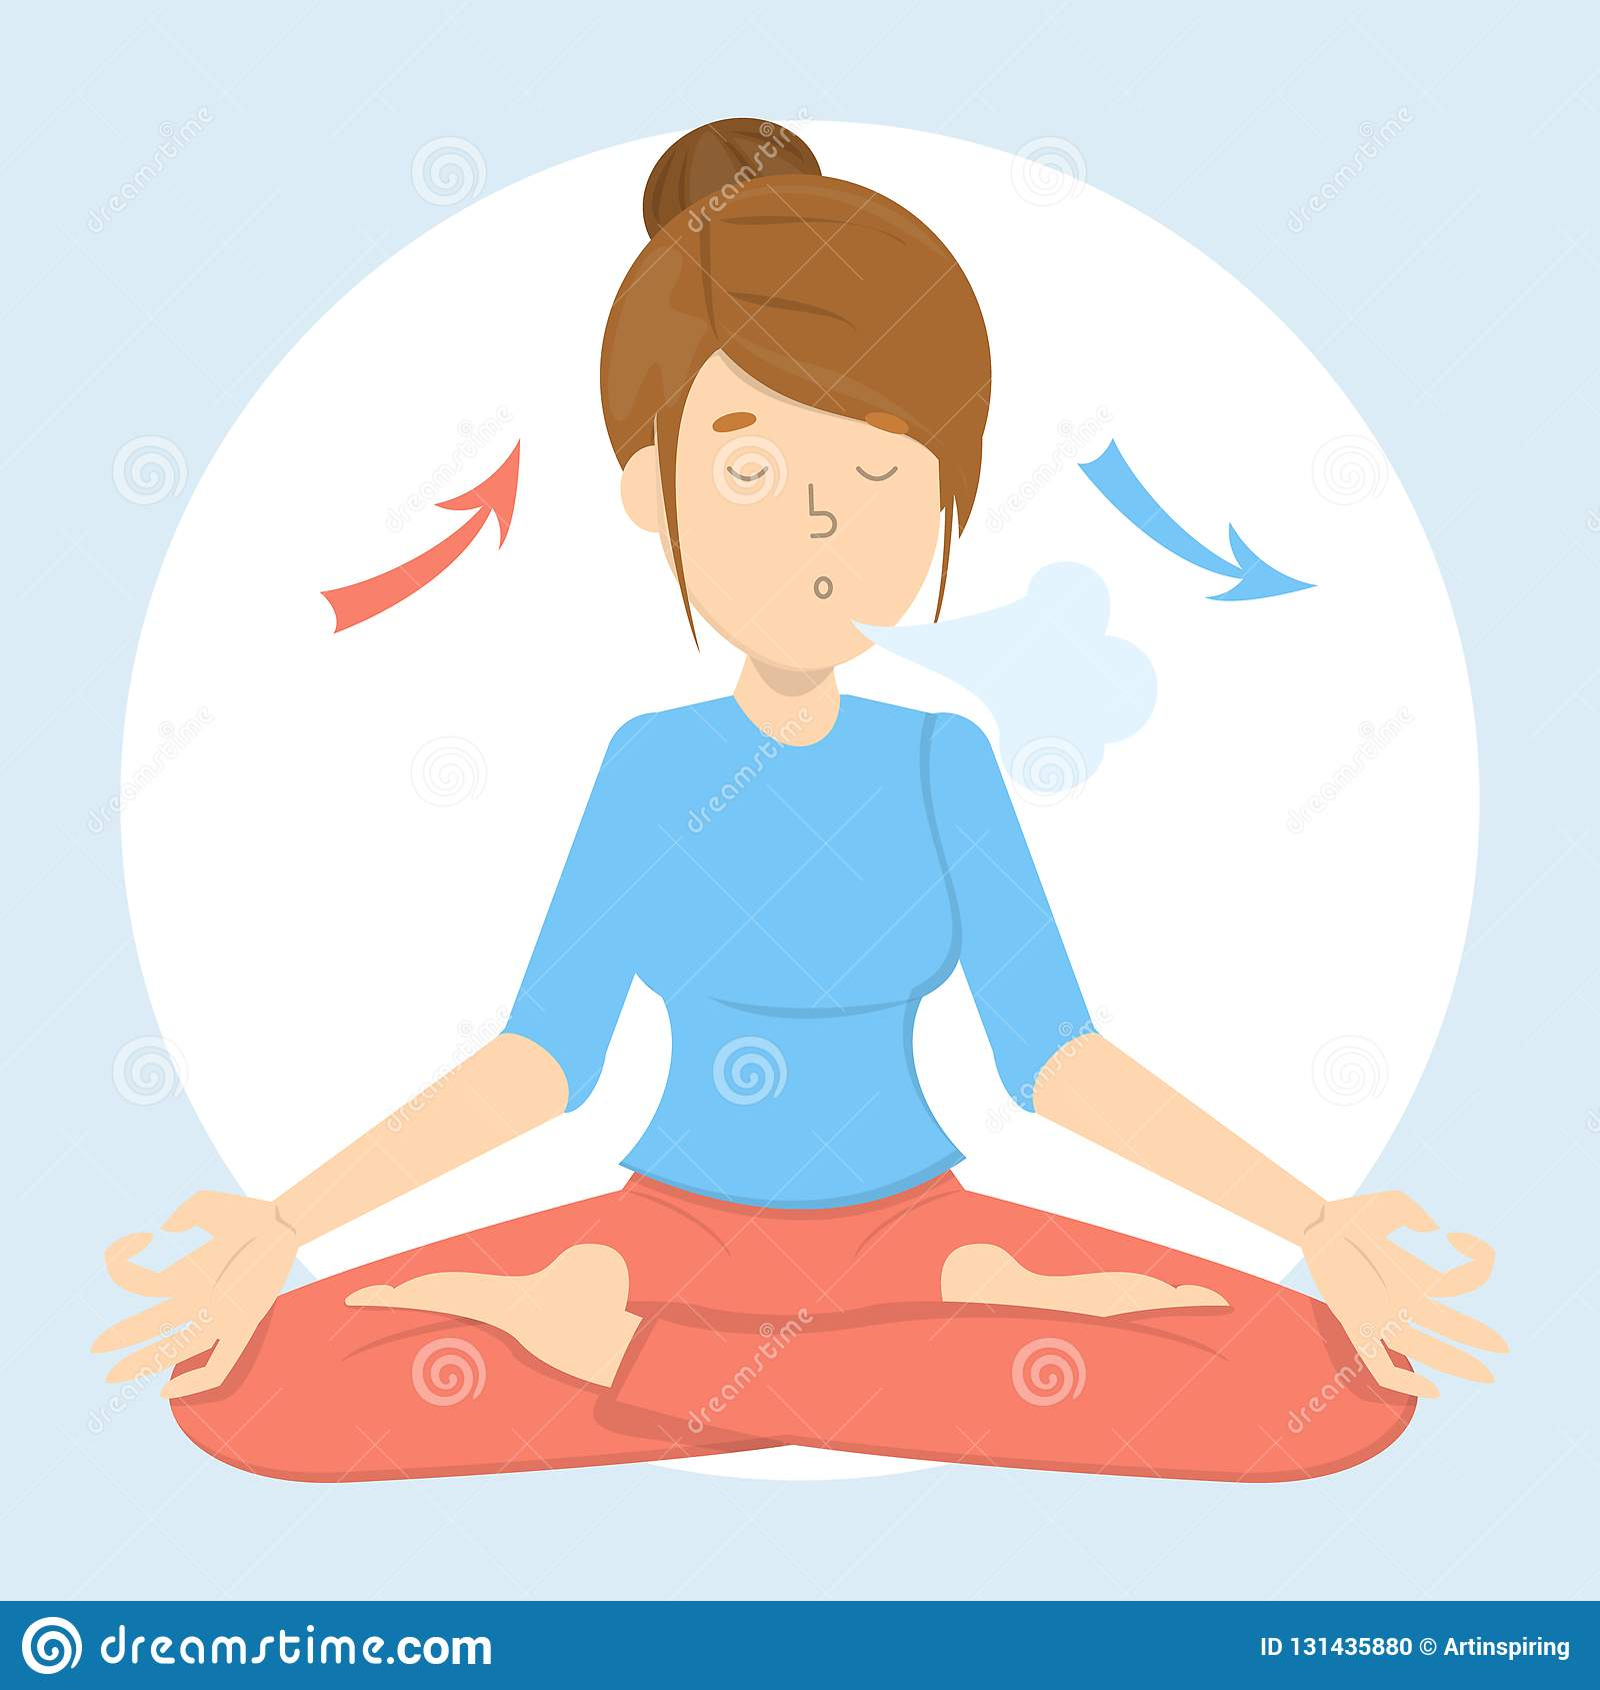 Exercício da respiração para o bom abrandamento Respire dentro e para fora